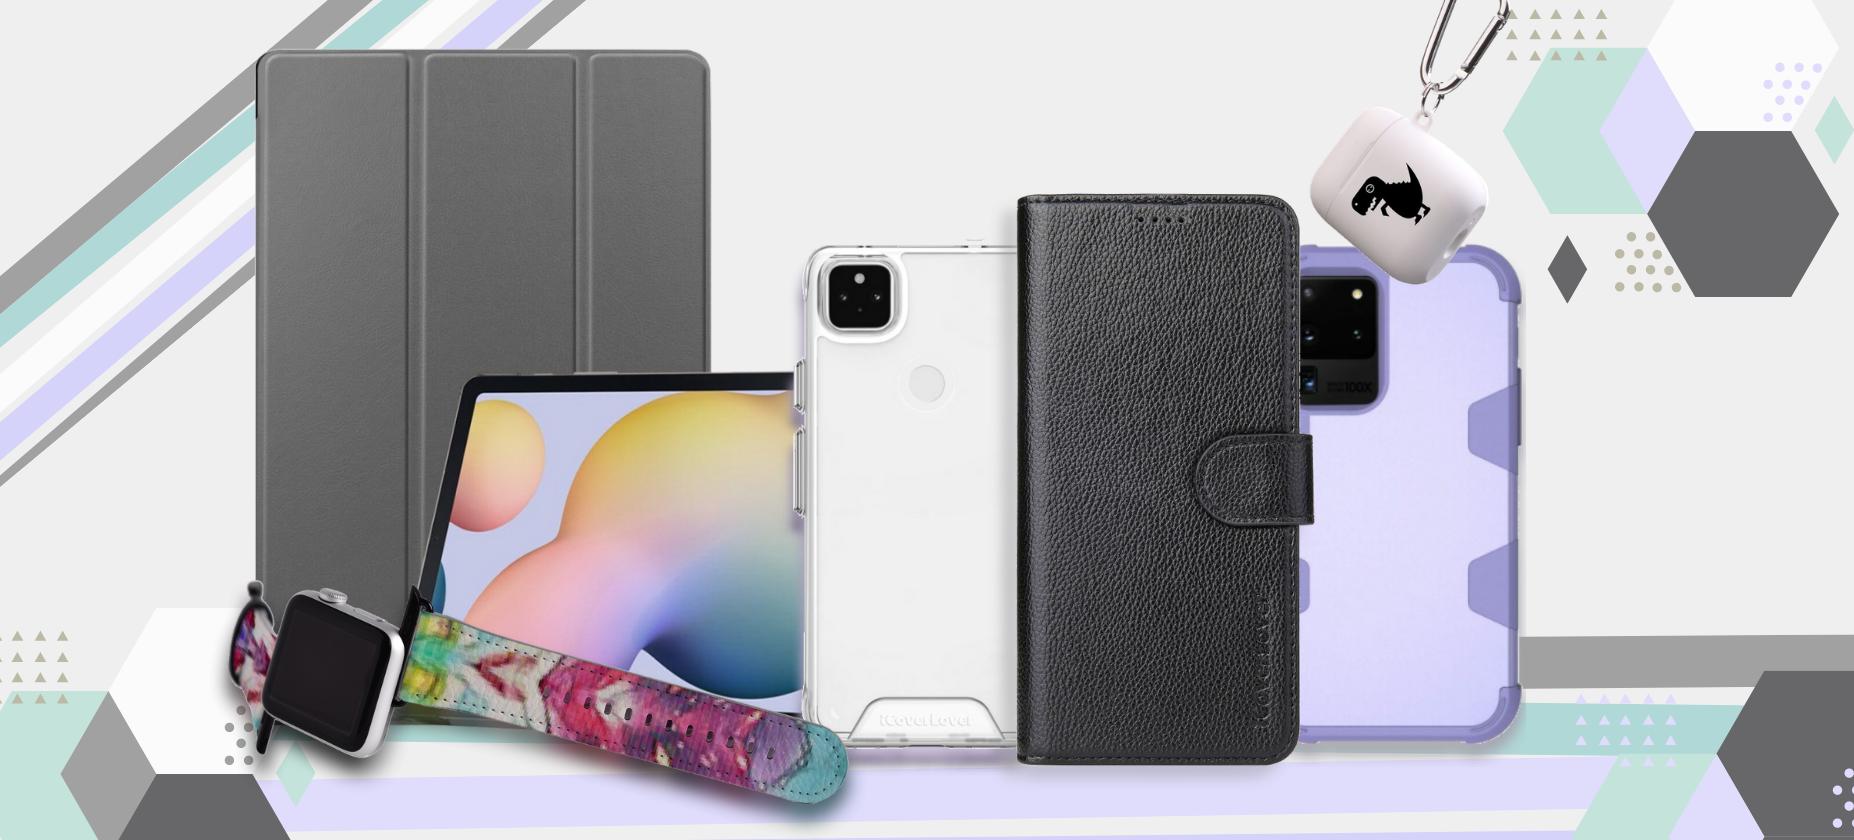 Get premium mobile accessories | iCoverLover Australia